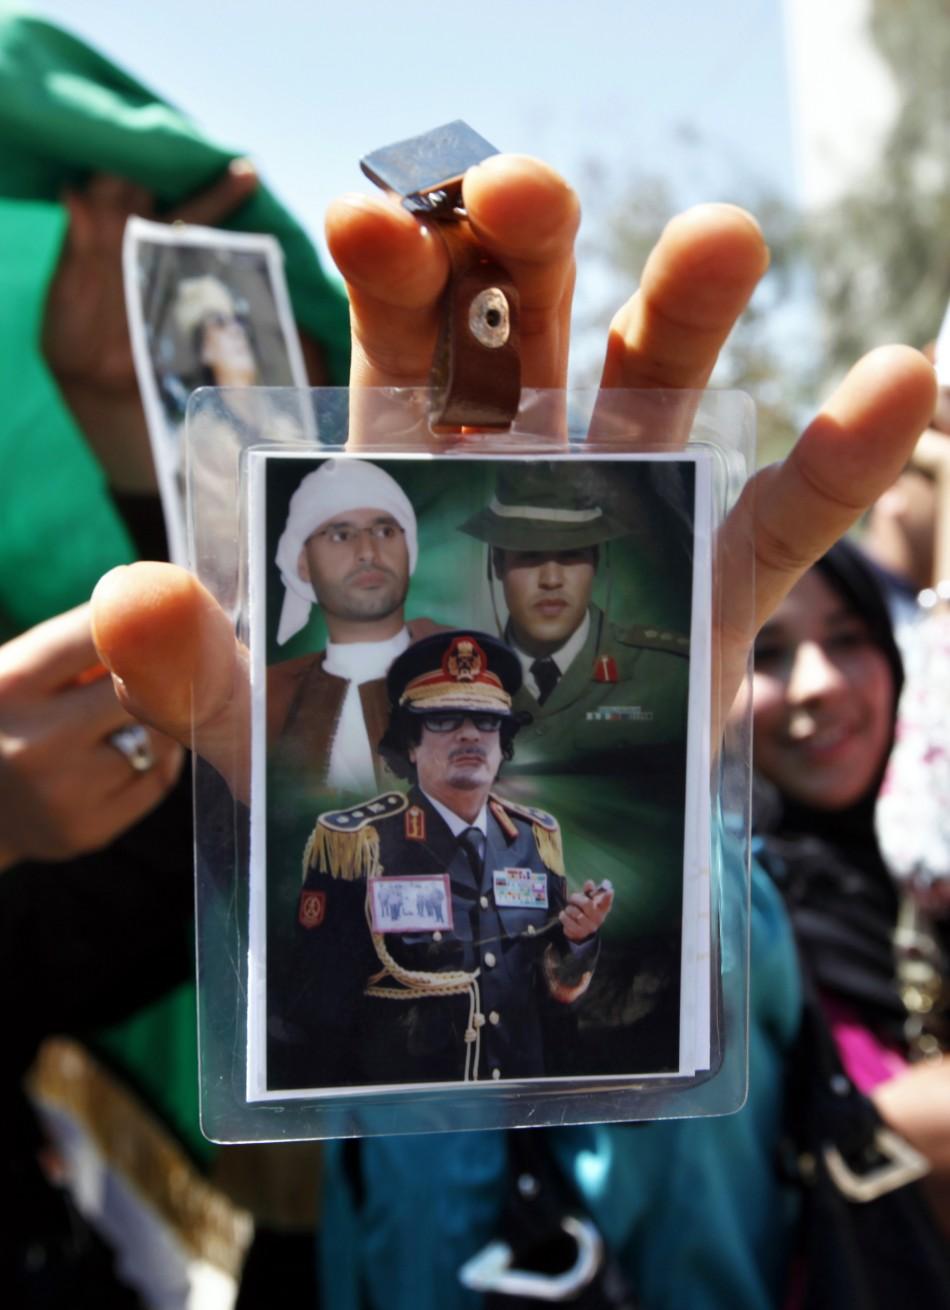 Gaddafis